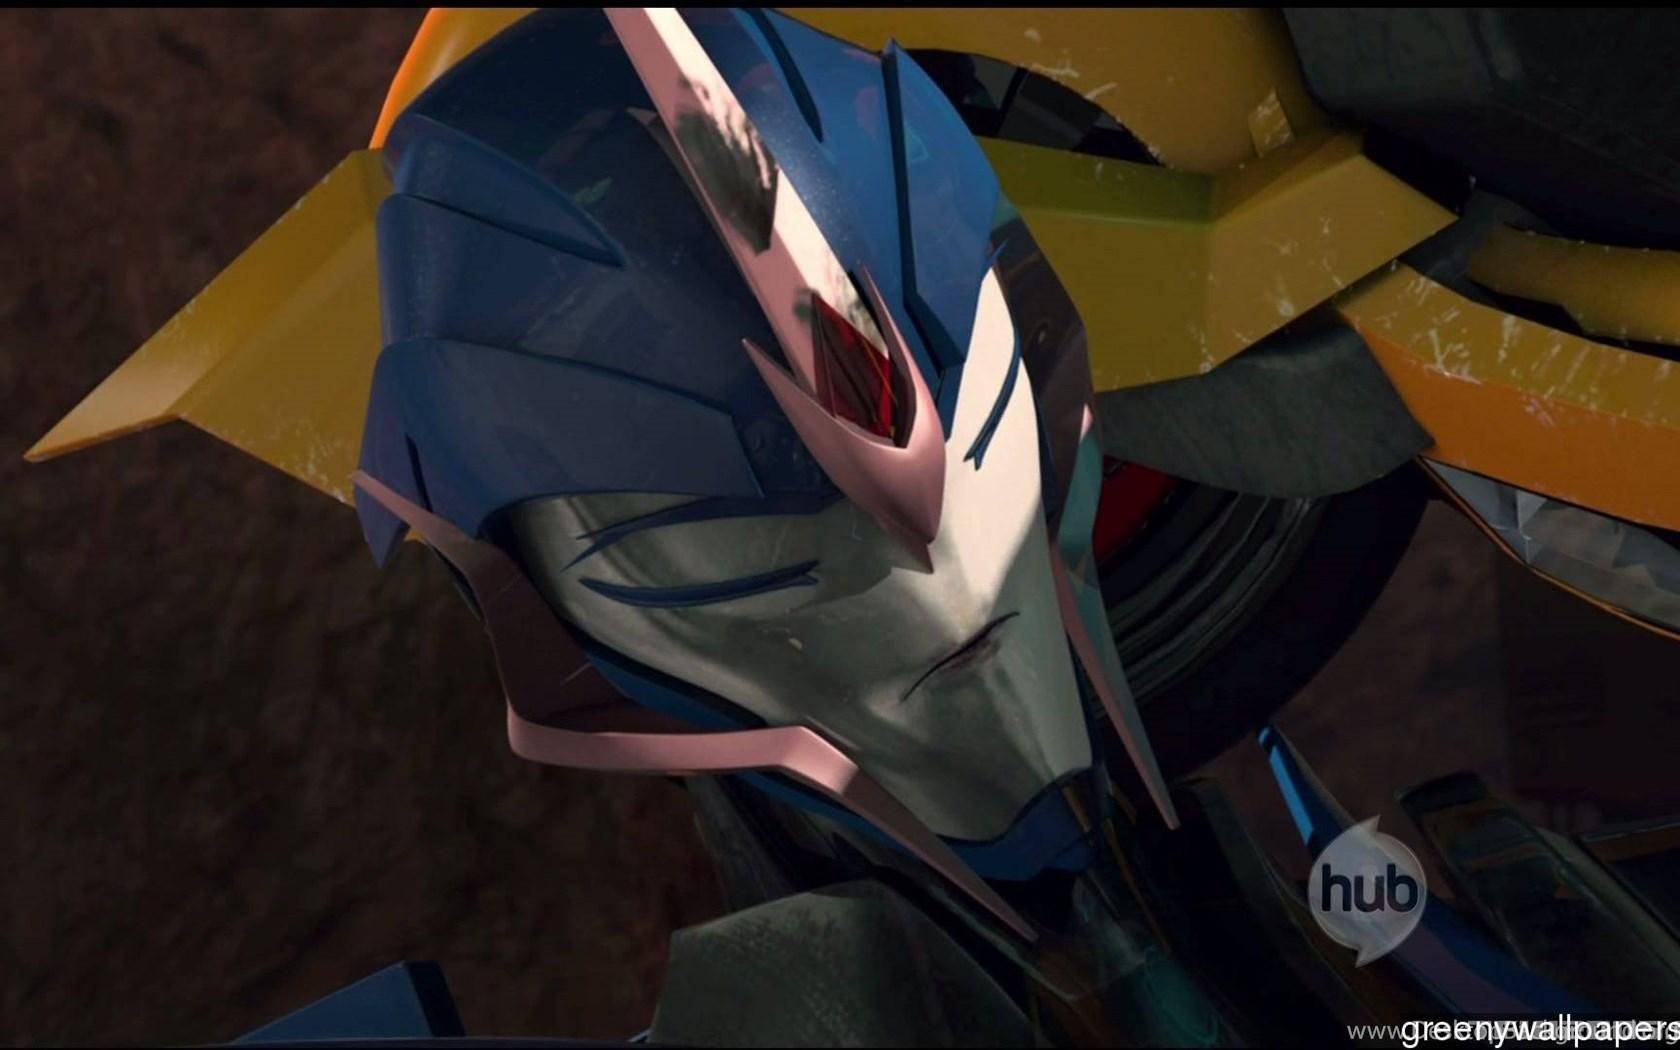 Download transformers prime season 3 episode 5 neonrecipe.